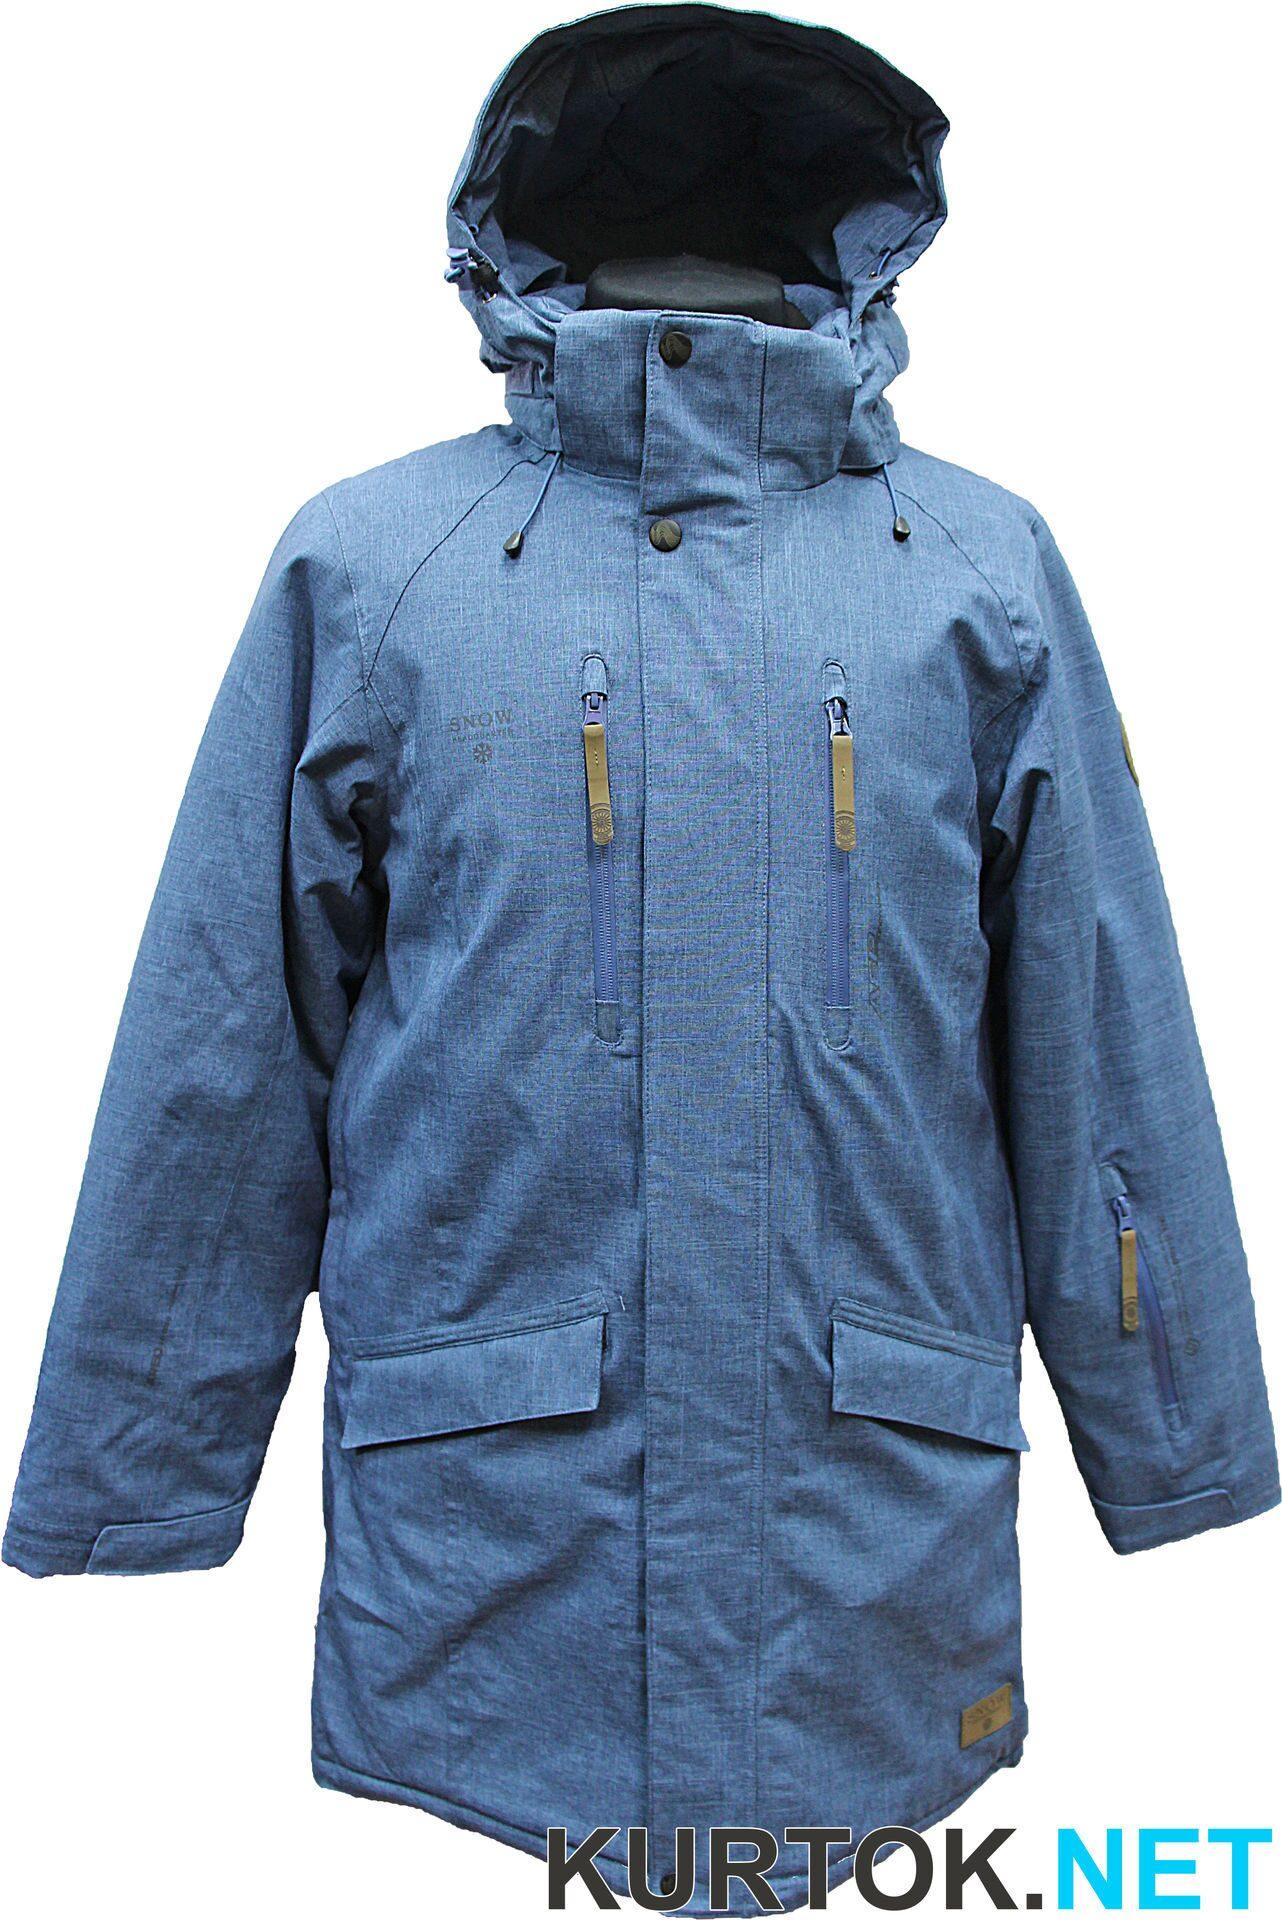 Удлиненная куртка с эластичными манжетами